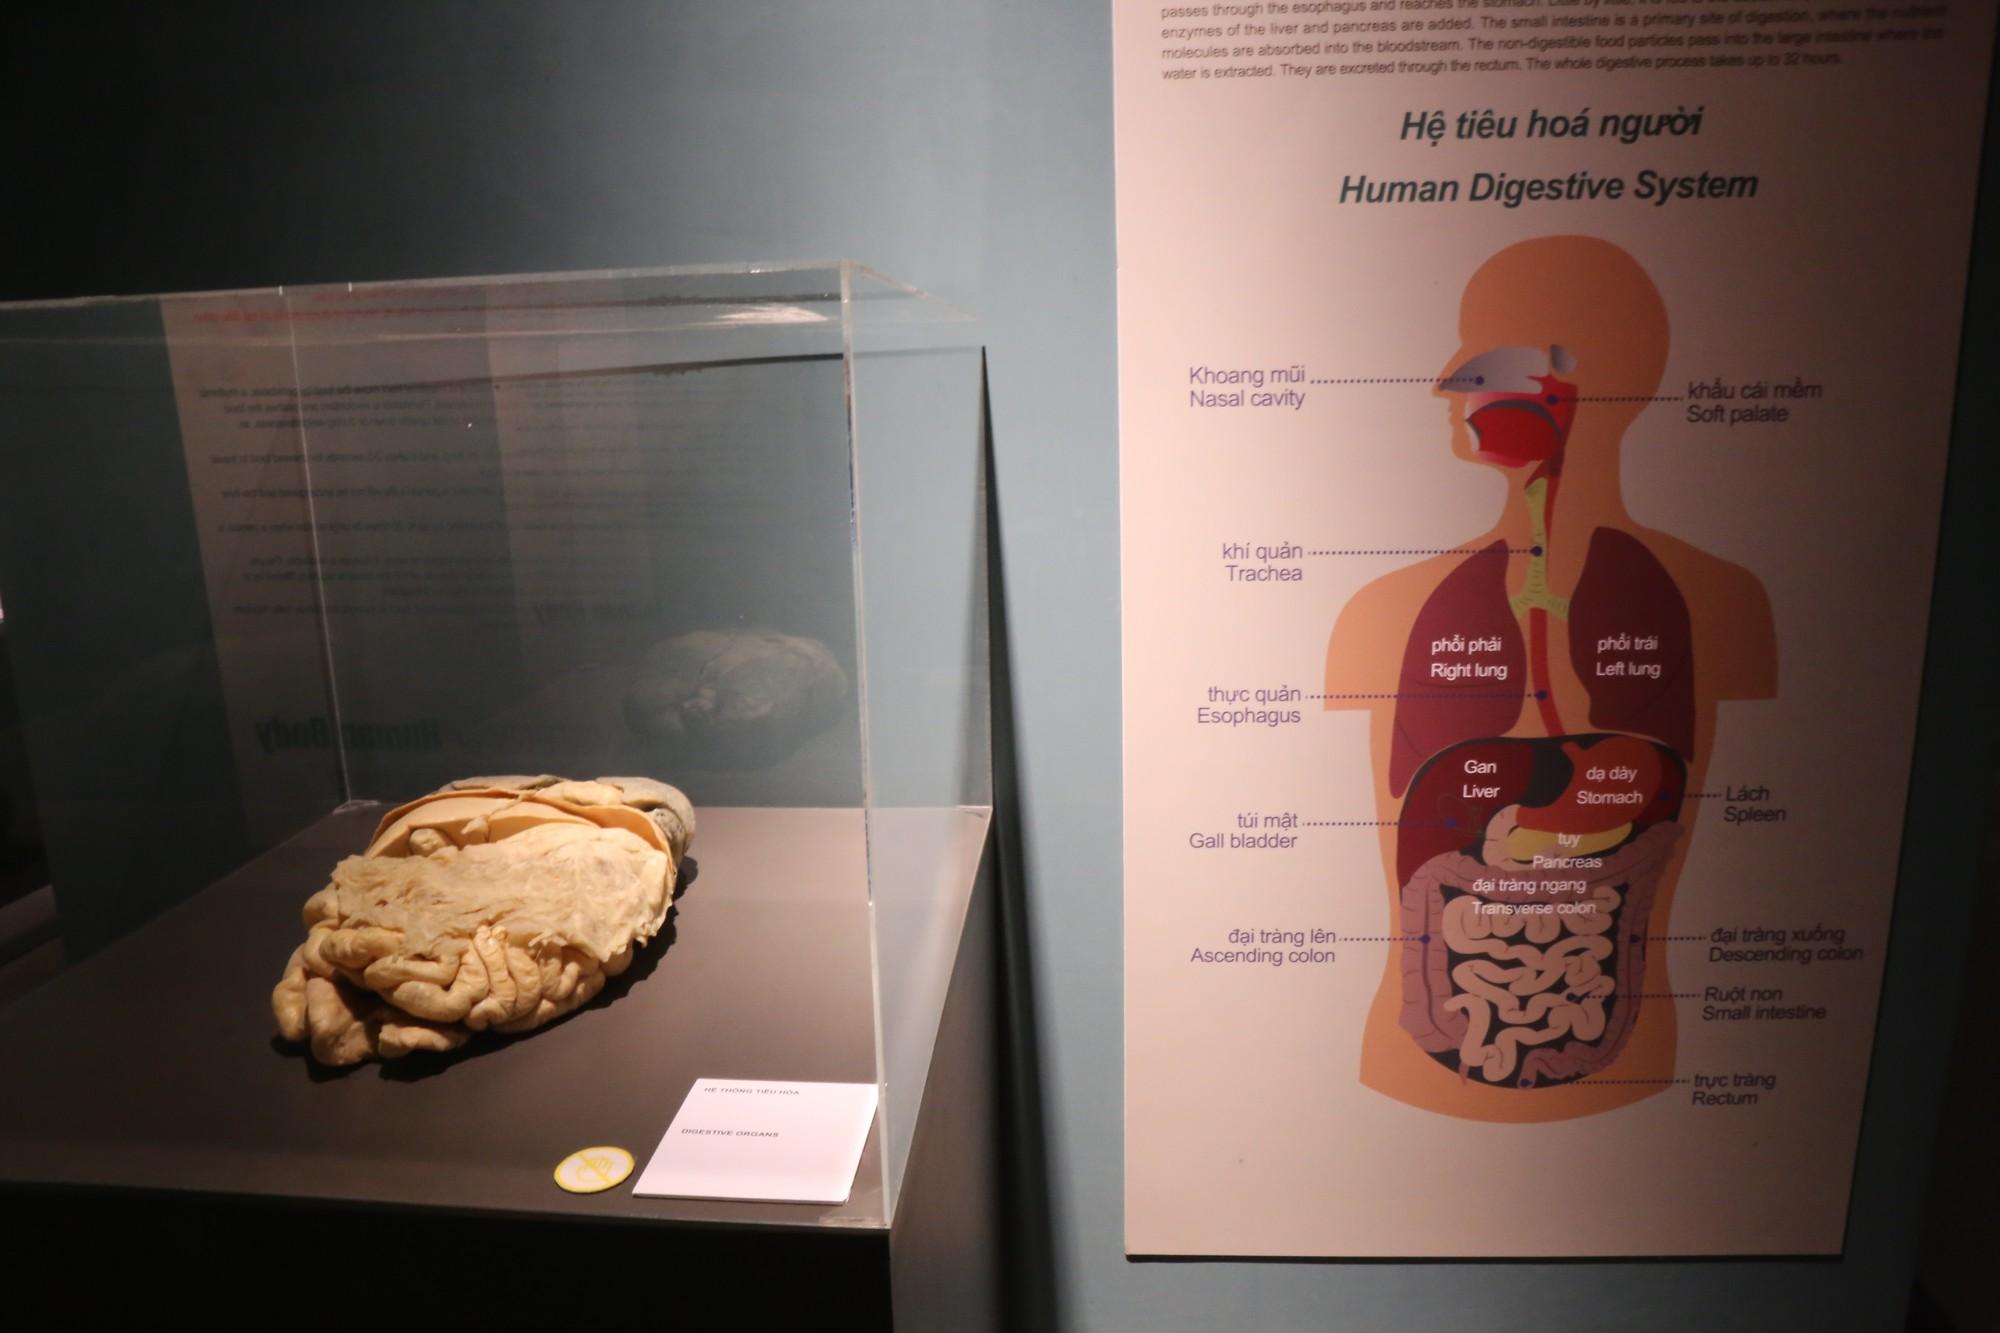 Đây là nội tạng bụng thuộc hệ tiêu hoá của con người thật.